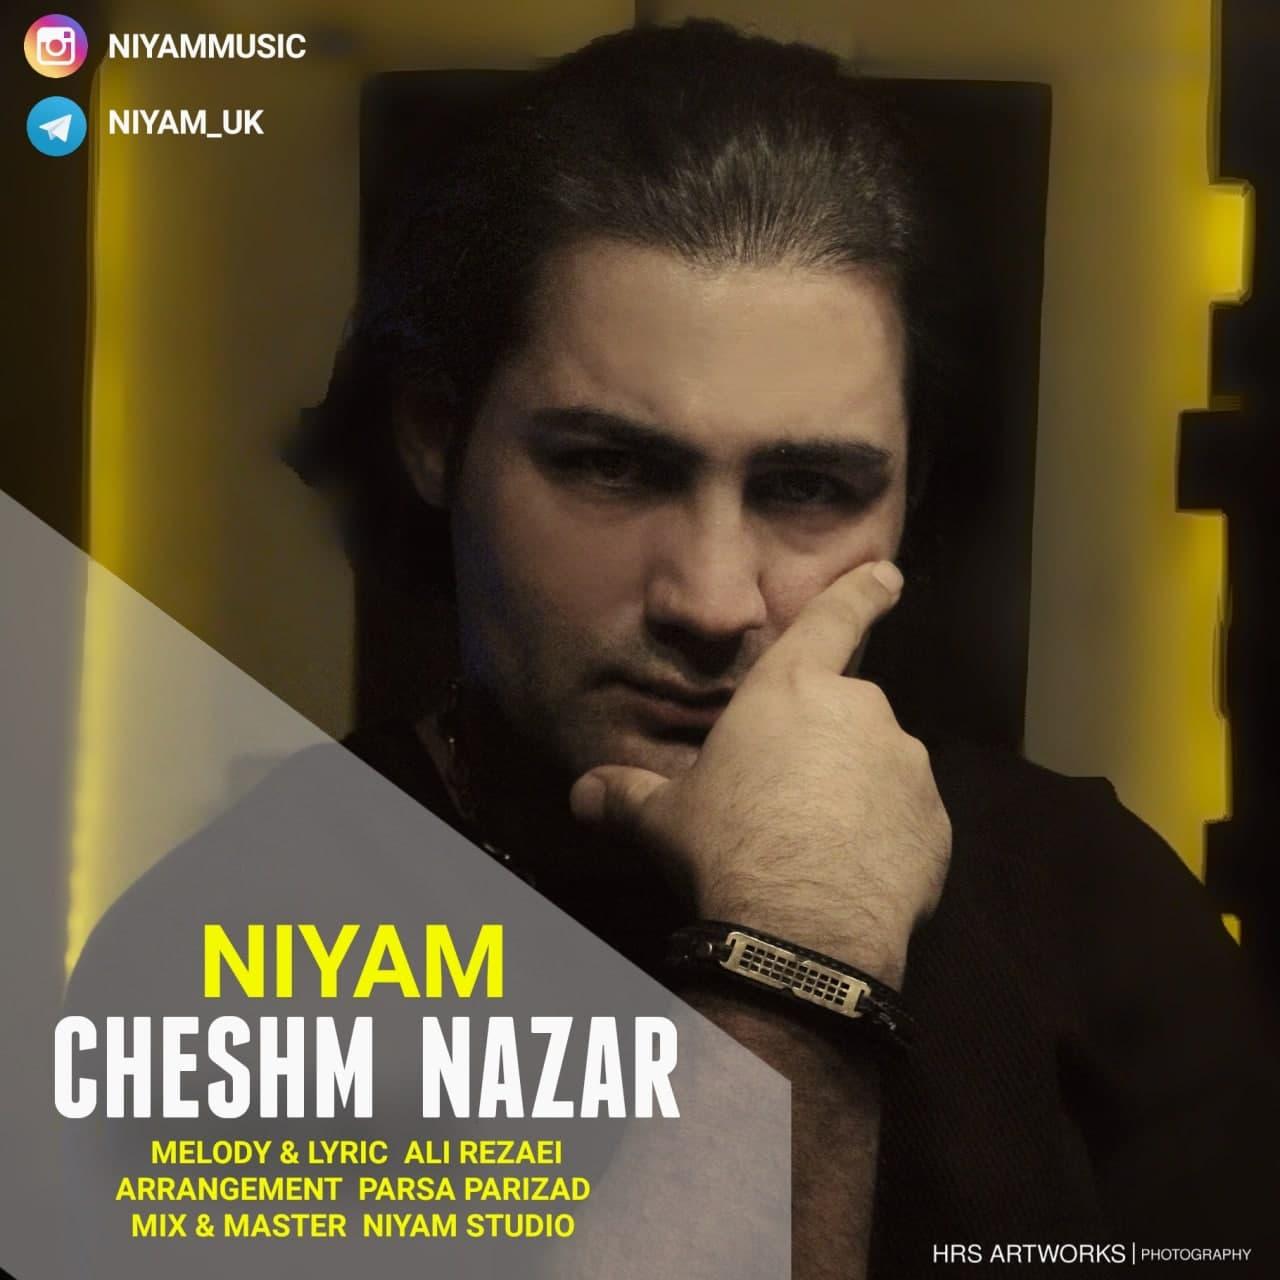 Niyam Uk – Cheshm Nazar